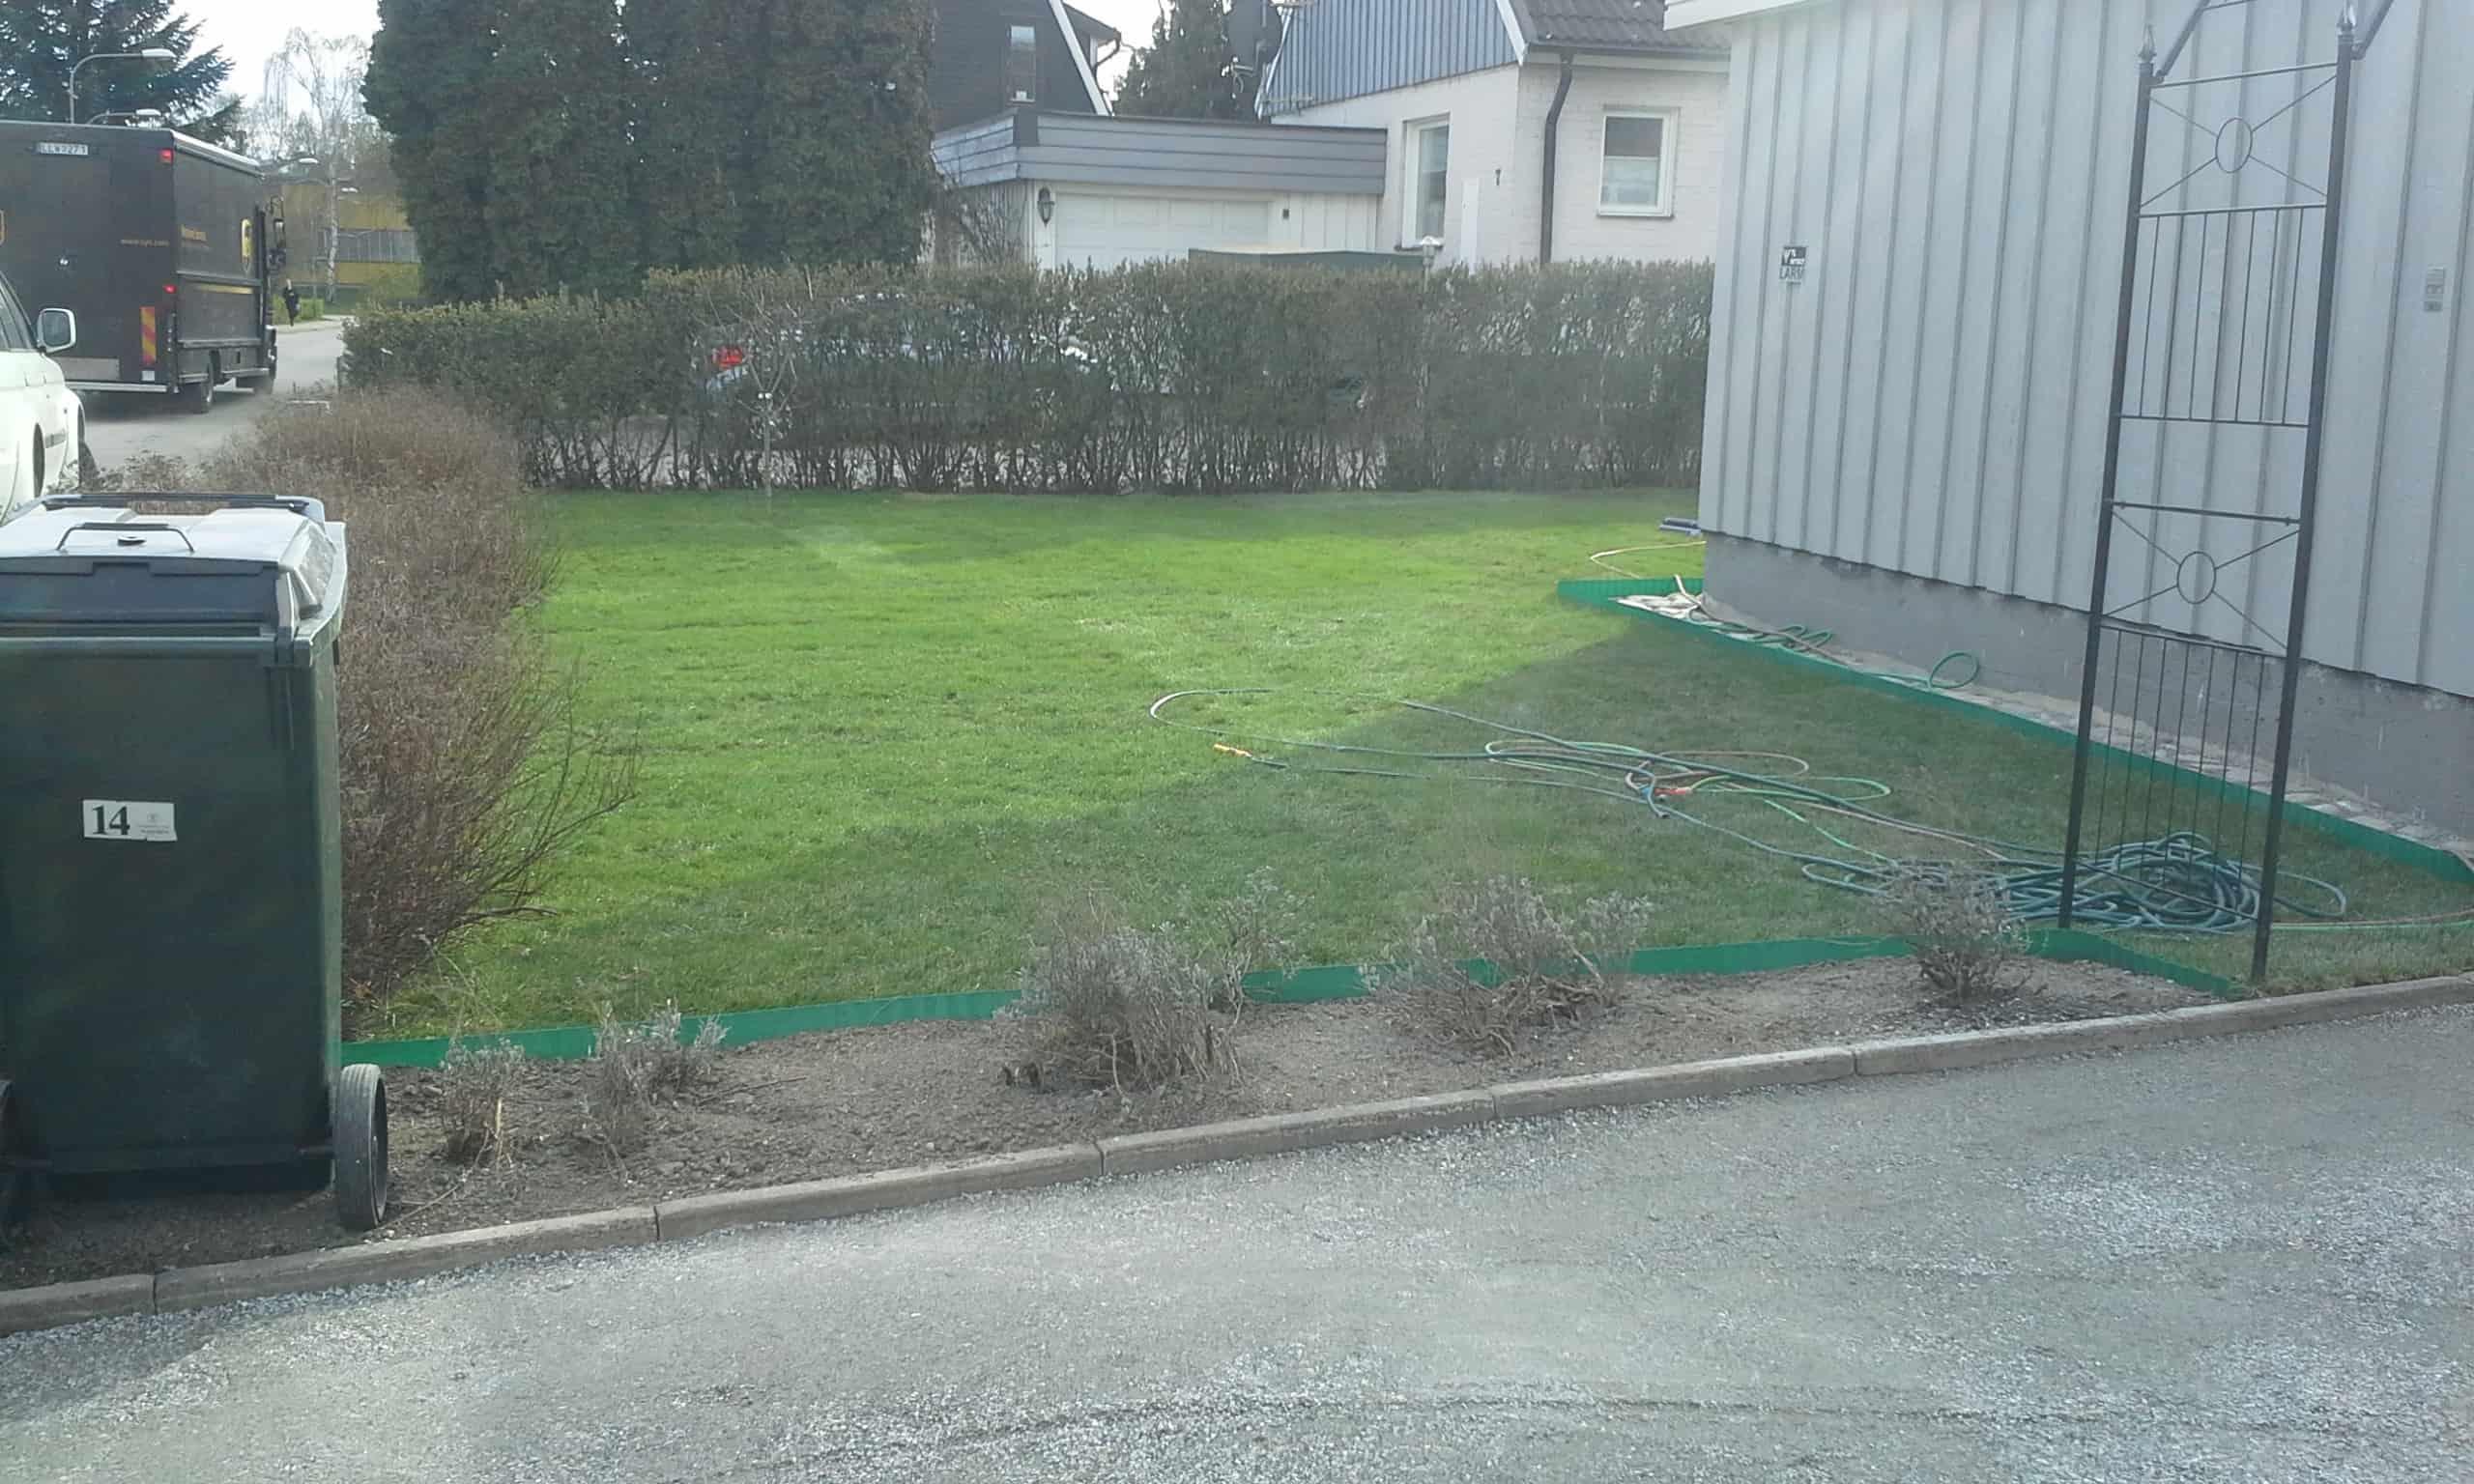 """Referensjobb """"Omläggning färdig gräsmatta """" utfört av Gröna Bussen AB"""